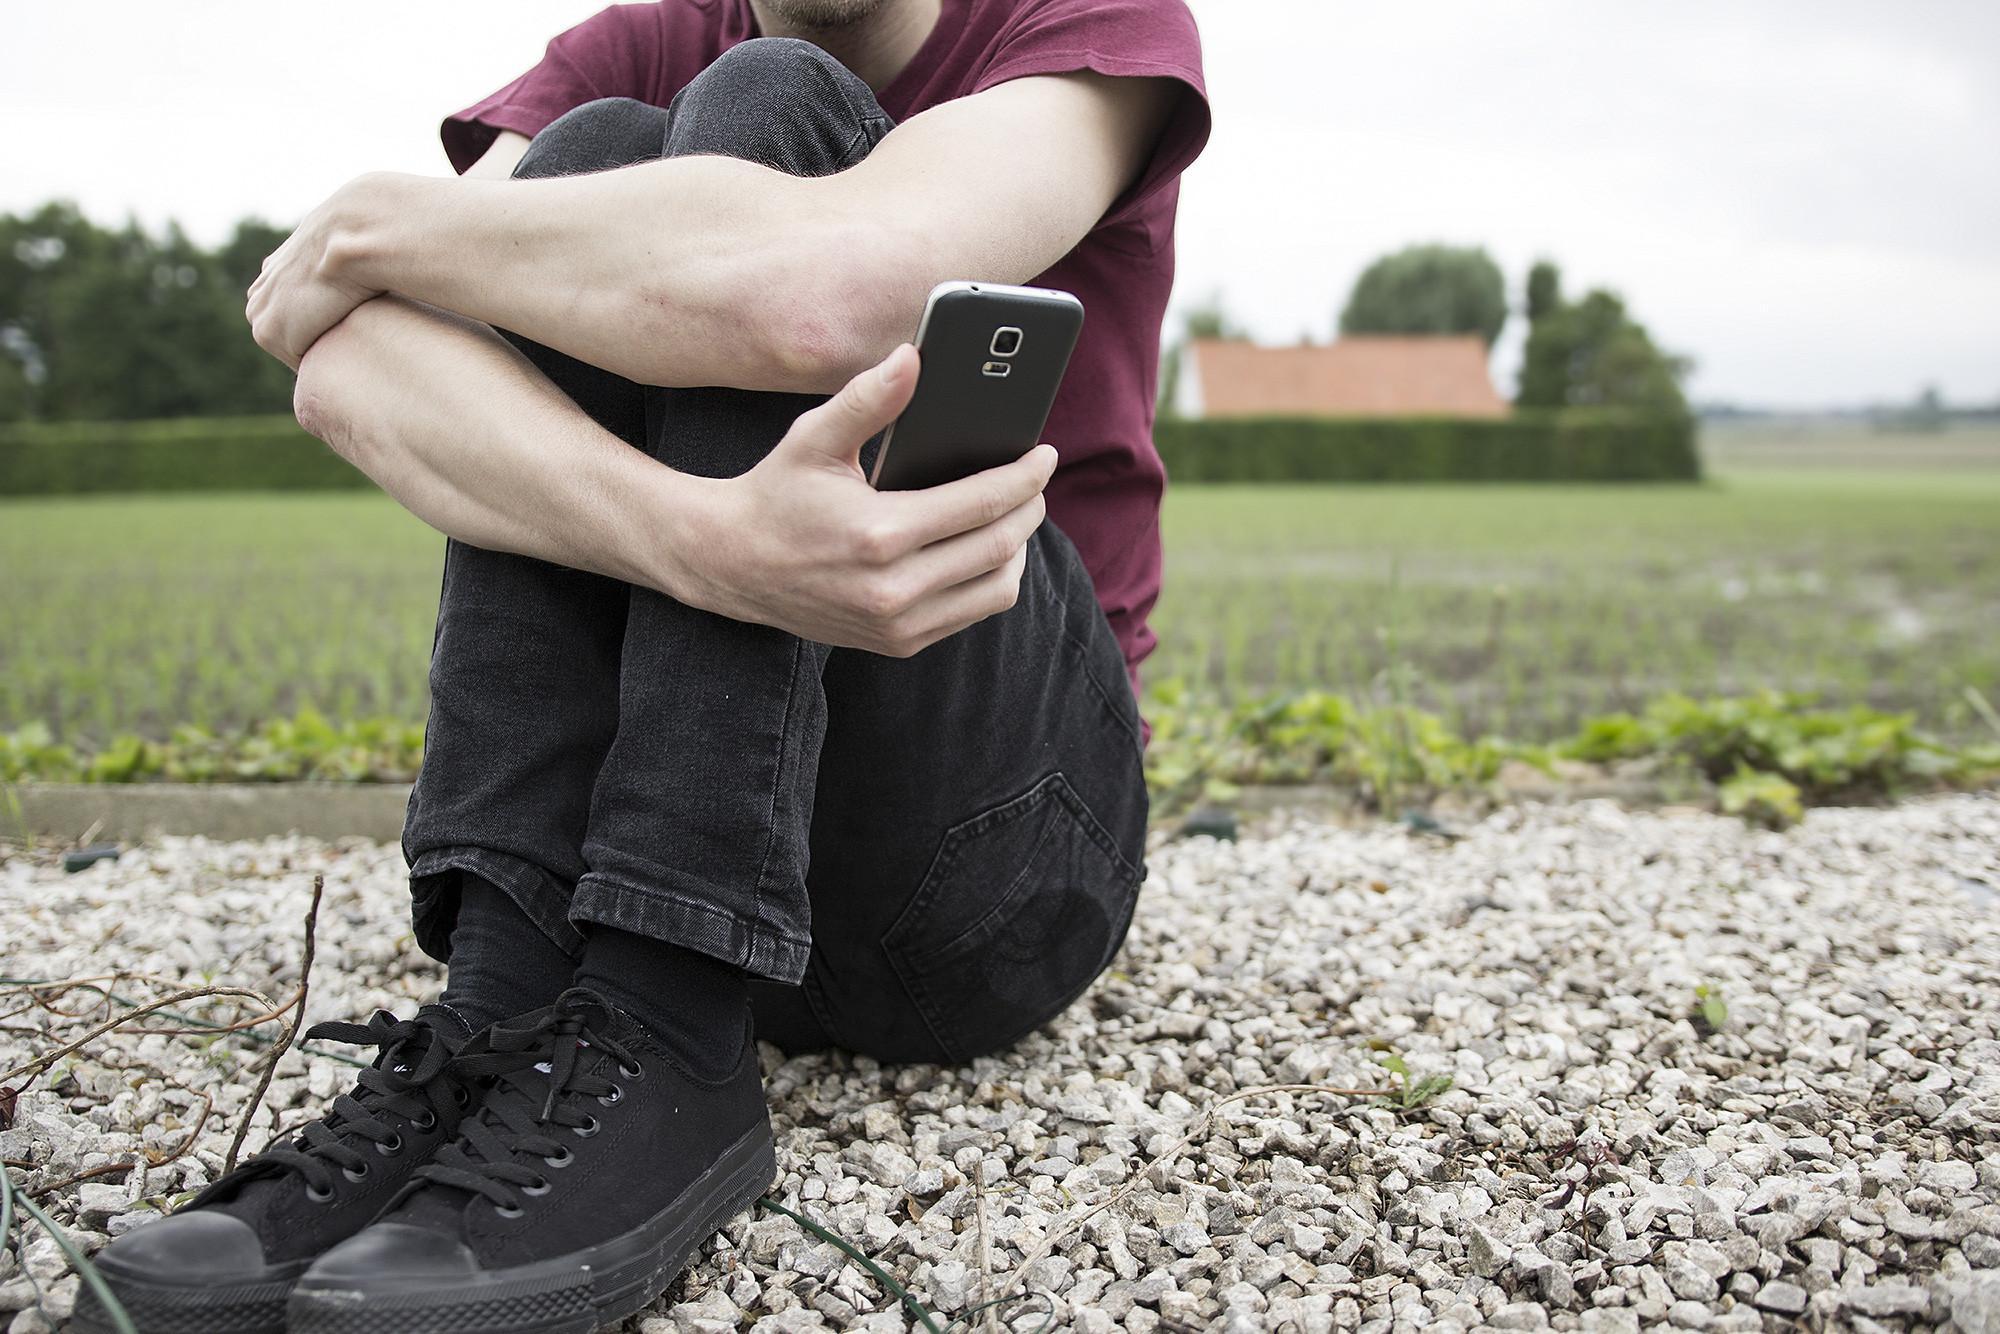 Ежегодно более миллиона подростков погибают по предотвратимым причинам